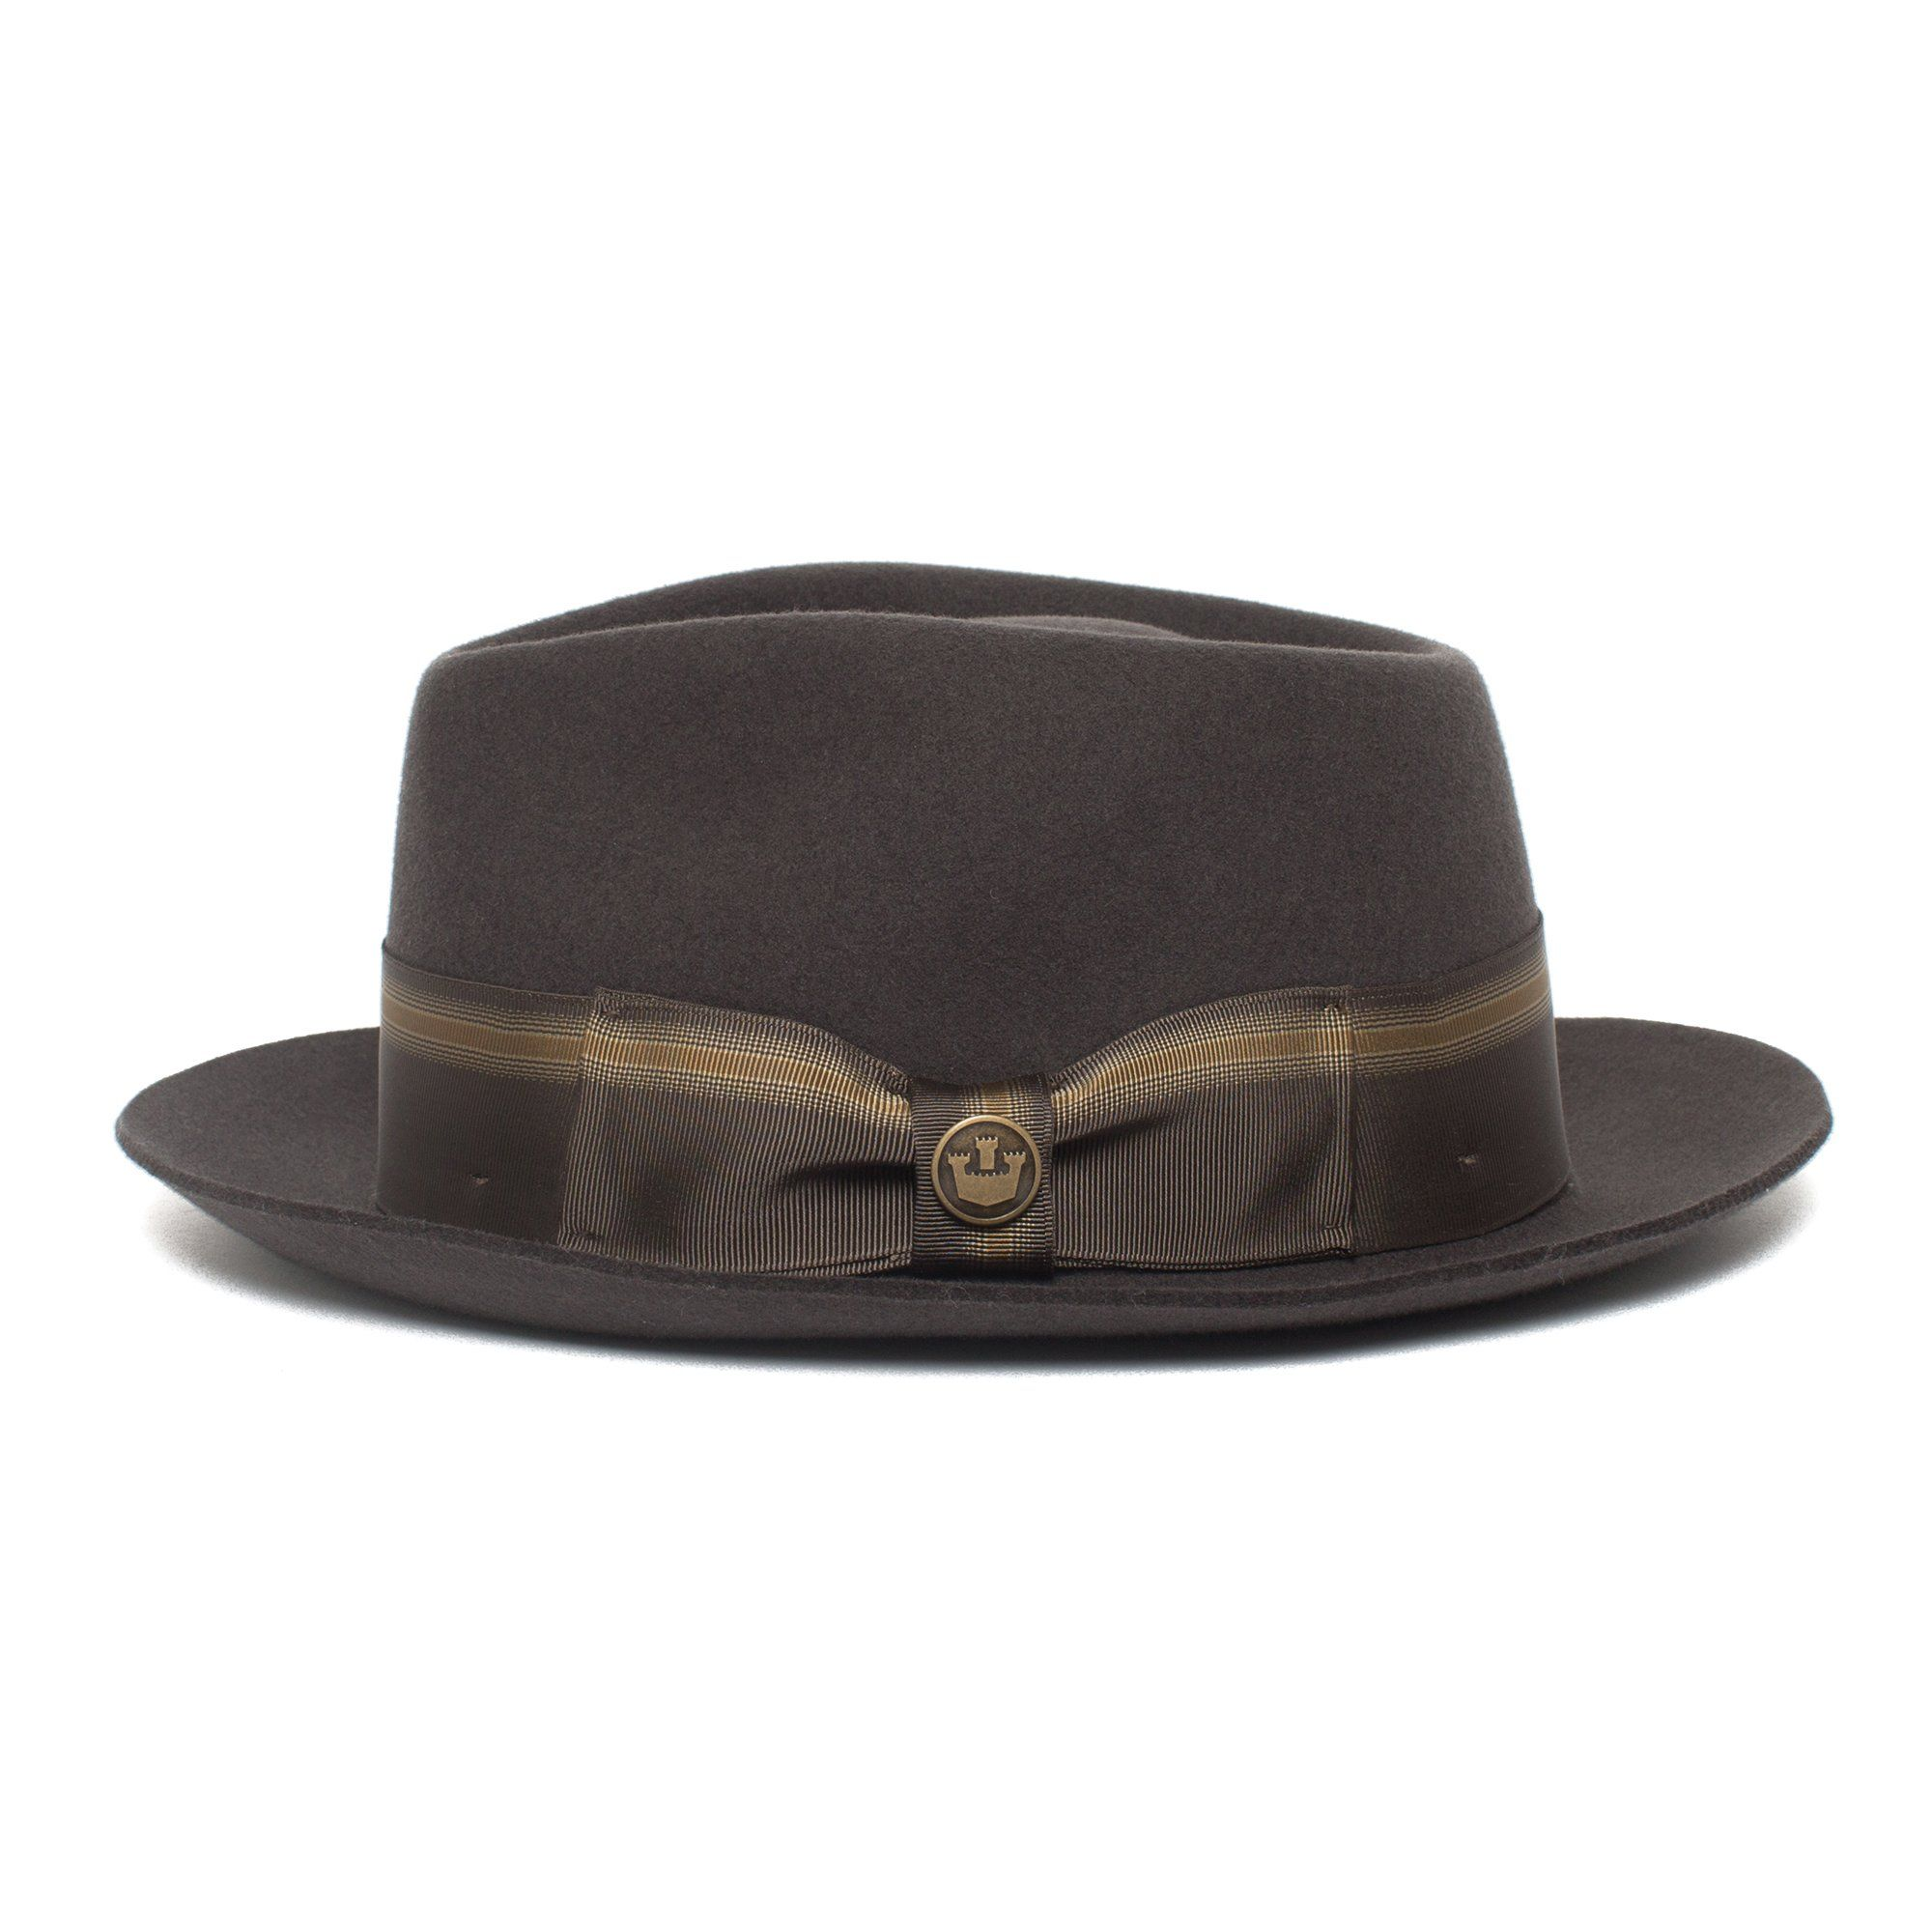 Goorin Star Boy Fedora Hat in Grey, size Small